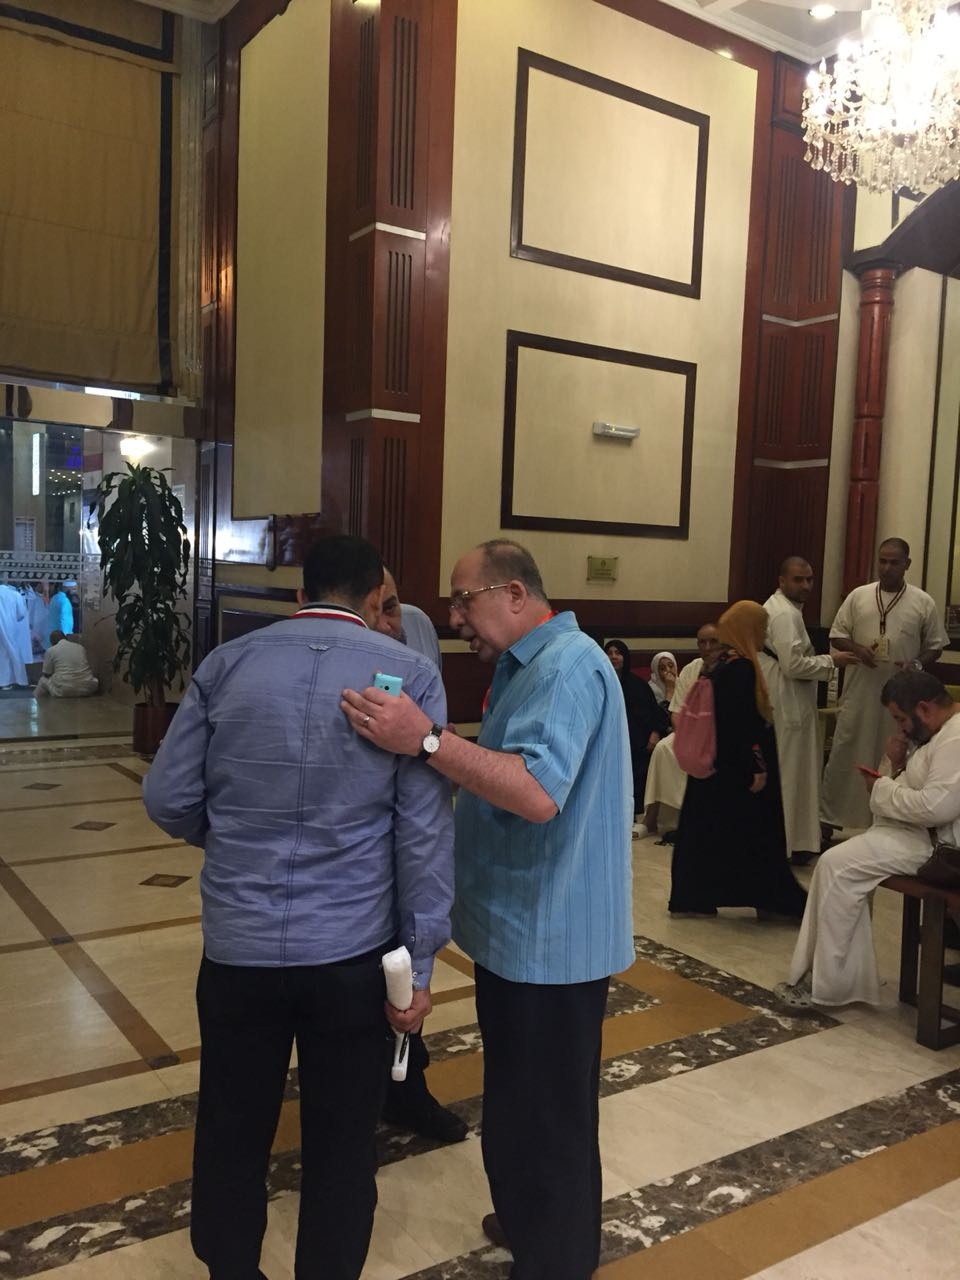 الرئيس التنفيذي لبعثة الحج يتفقد مقار اقامة الحجاج المصريين 3